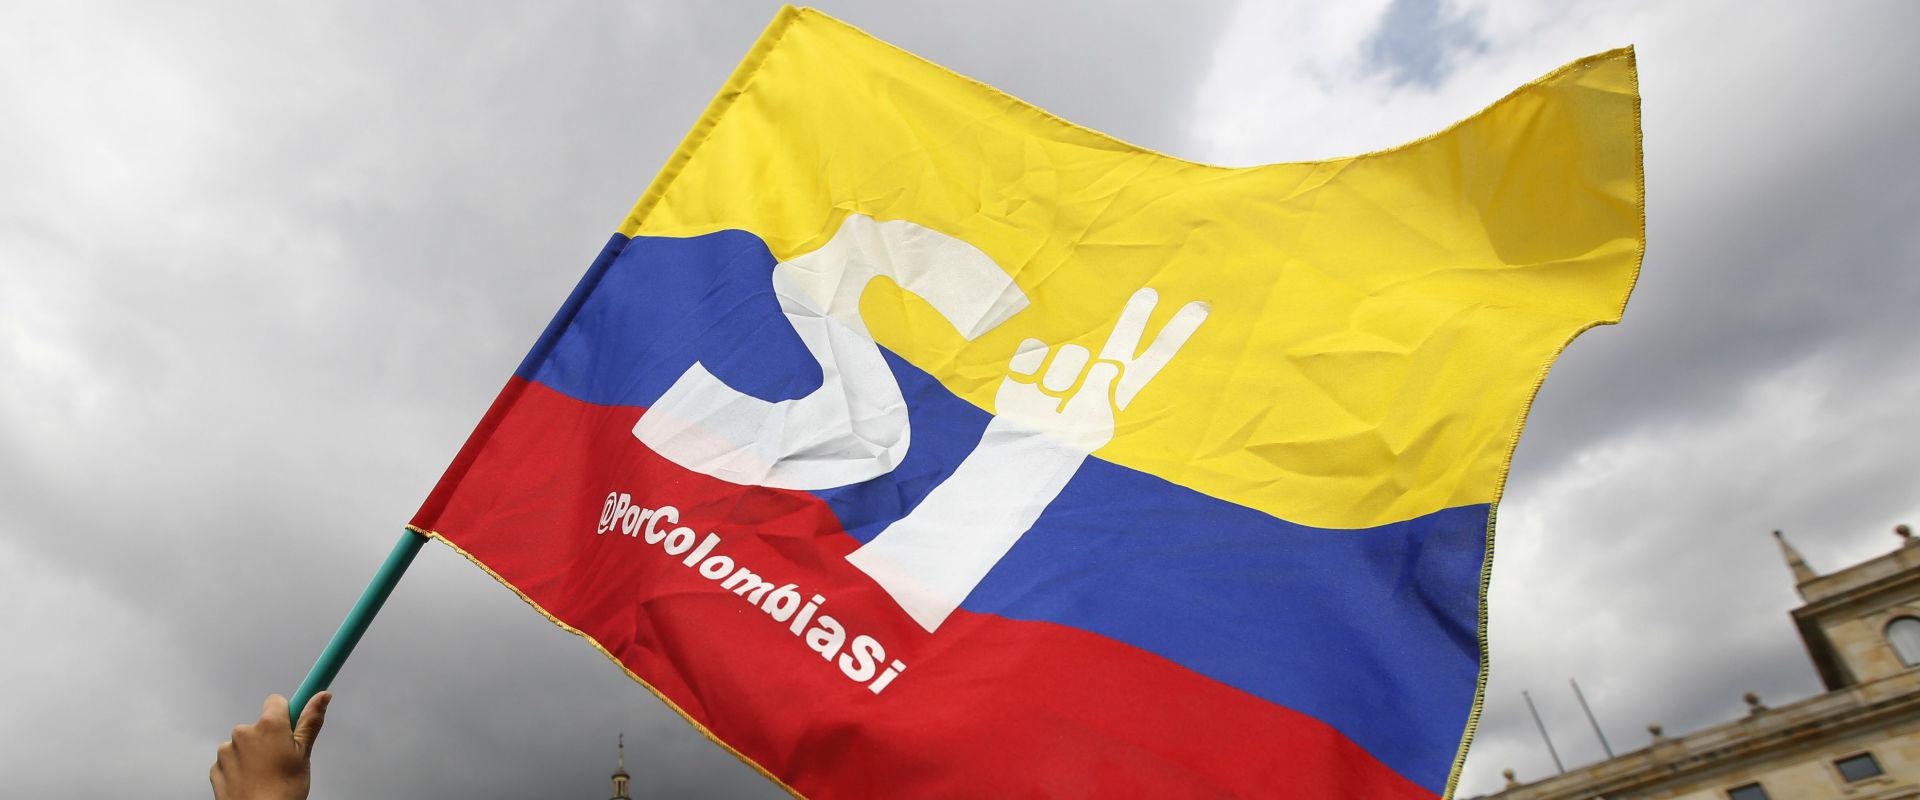 הפגנות בעד הסכם הפיוס בקולומביה